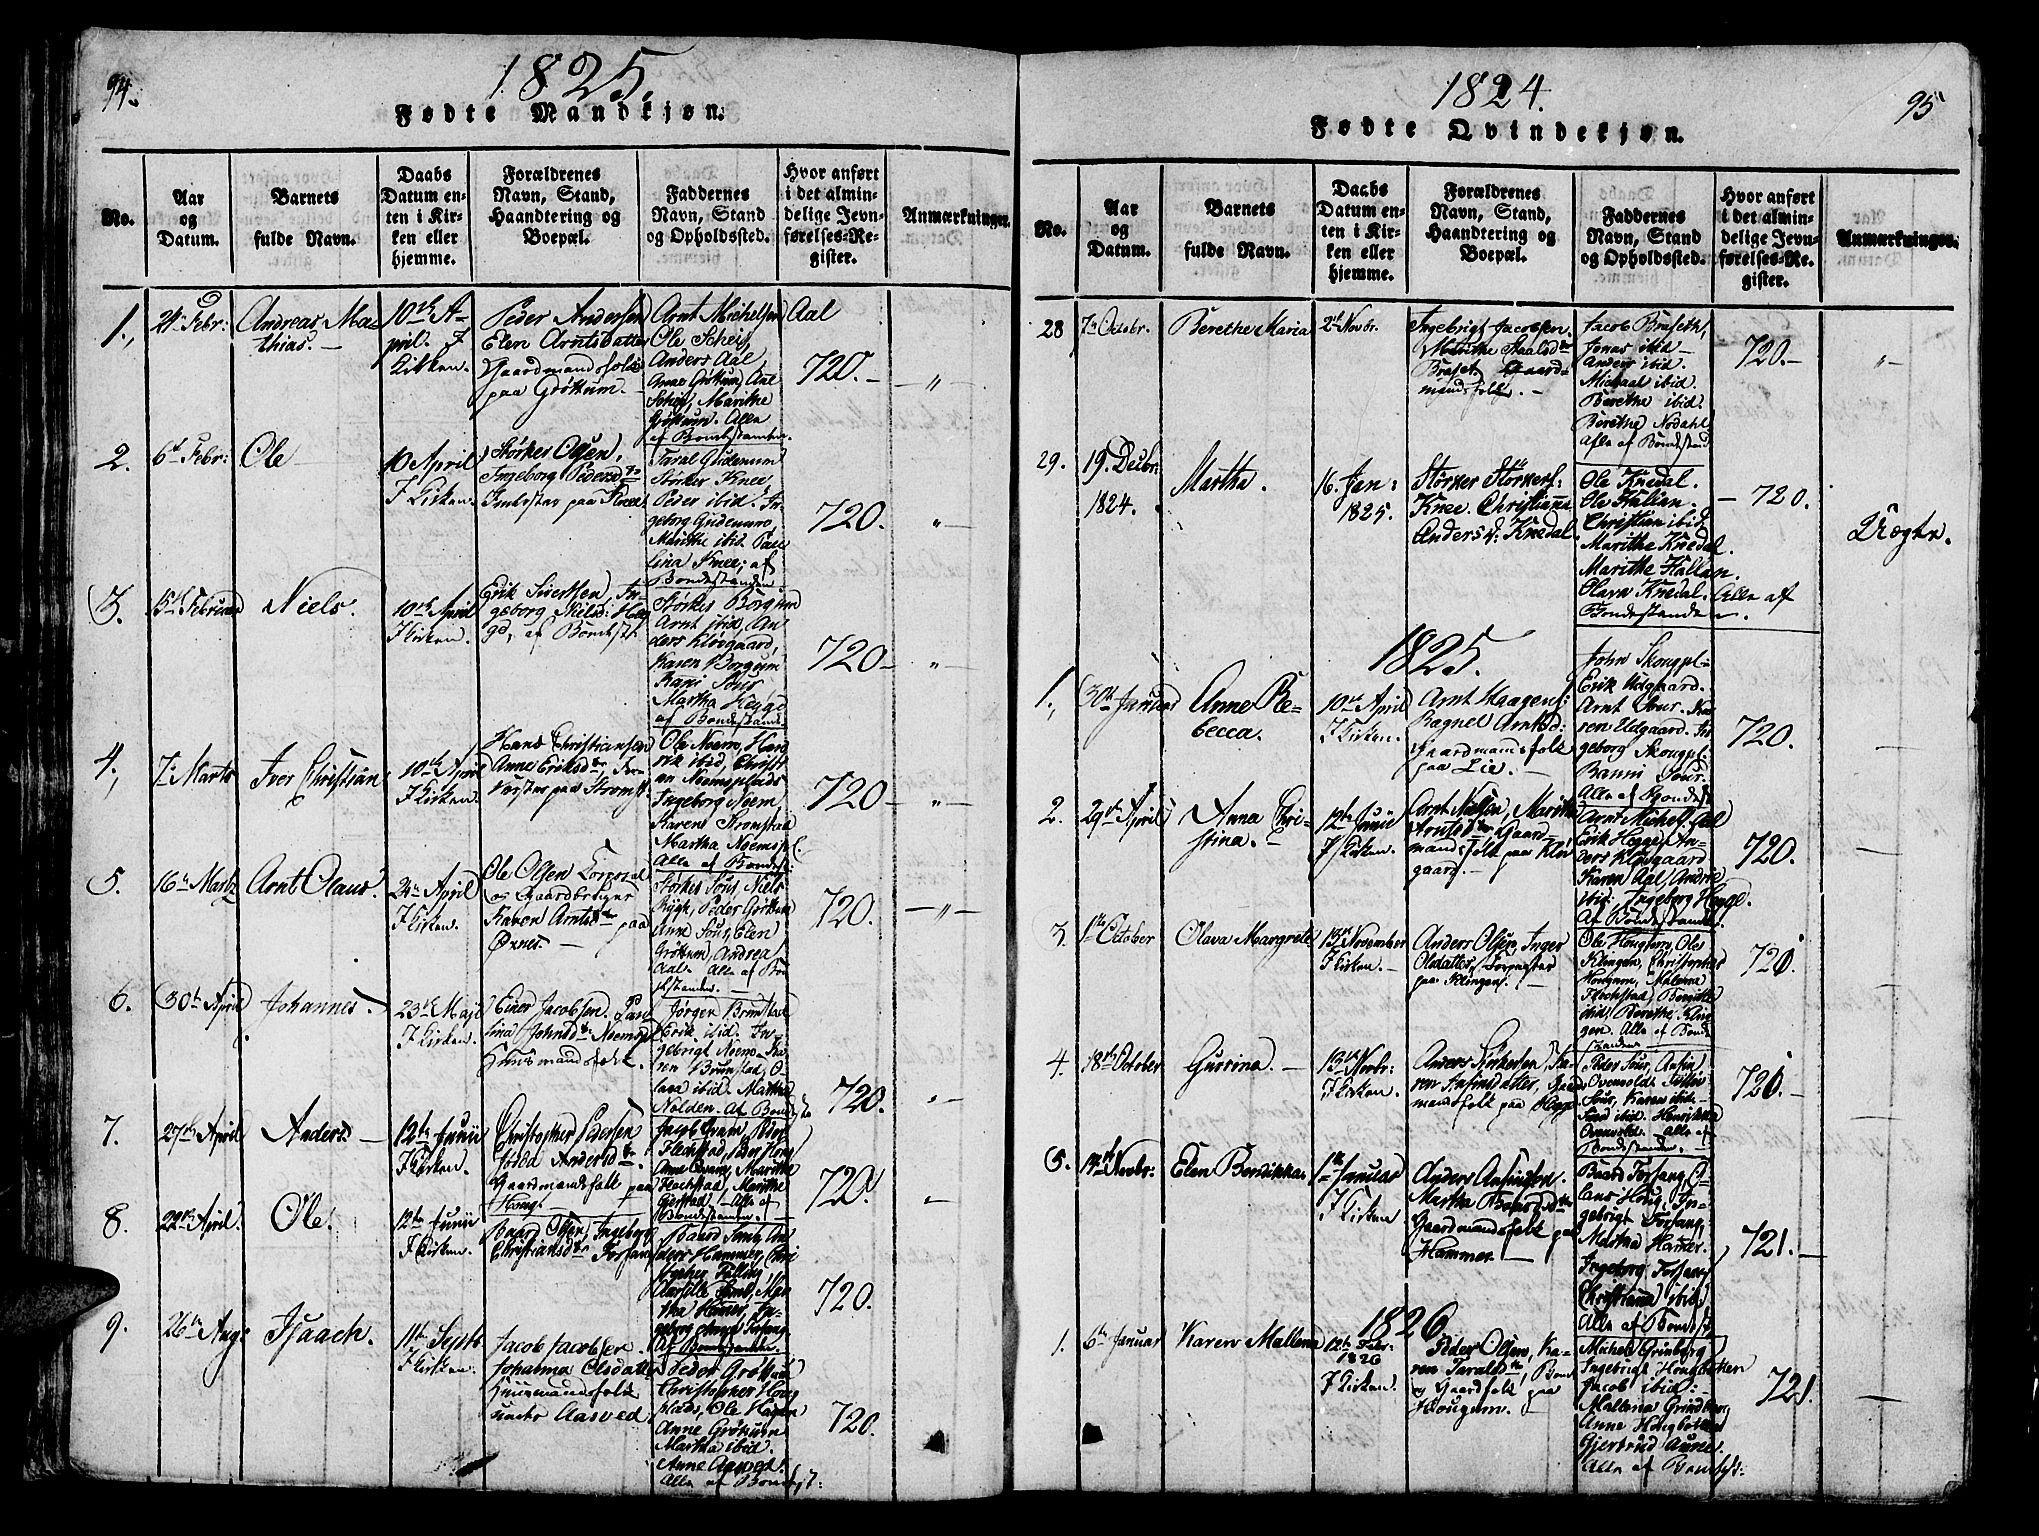 SAT, Ministerialprotokoller, klokkerbøker og fødselsregistre - Nord-Trøndelag, 746/L0441: Ministerialbok nr. 746A03 /2, 1816-1827, s. 94-95